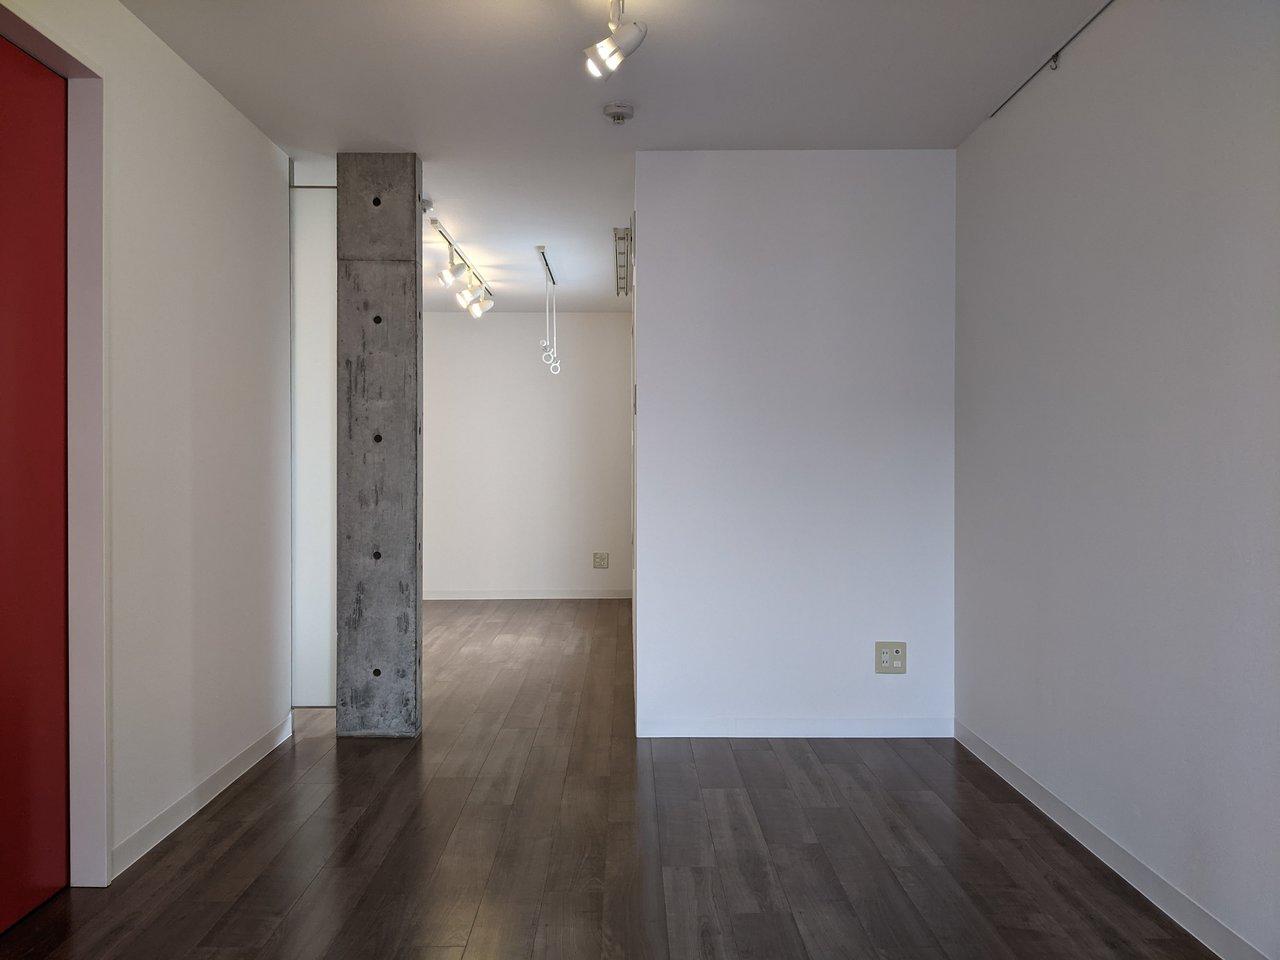 こちらのお部屋は柱のひとつがコンクリート。部屋の仕切りがいいアクセントになっています。